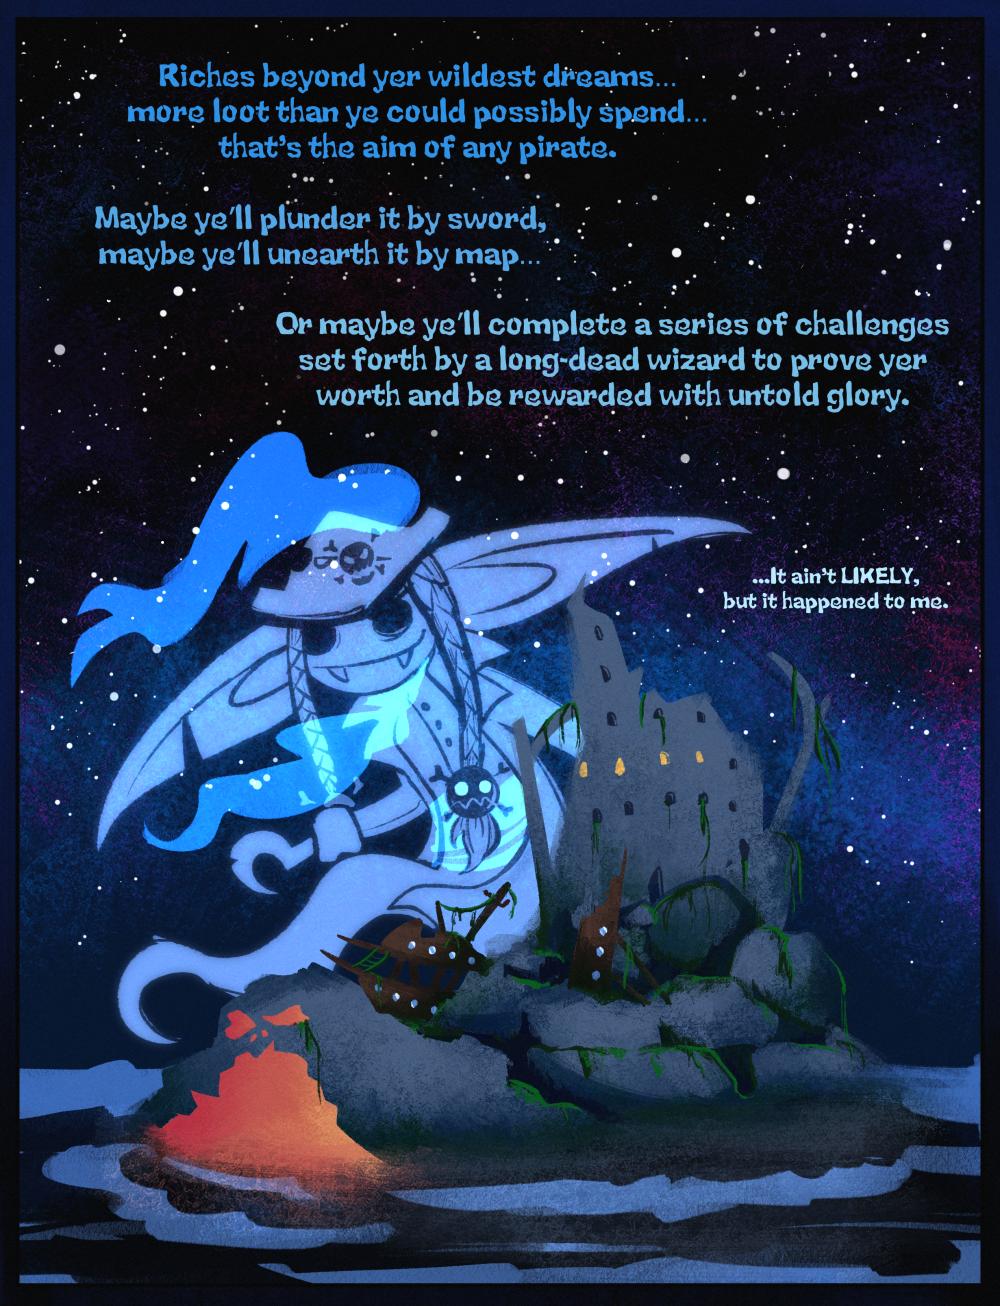 Pirate Prologue